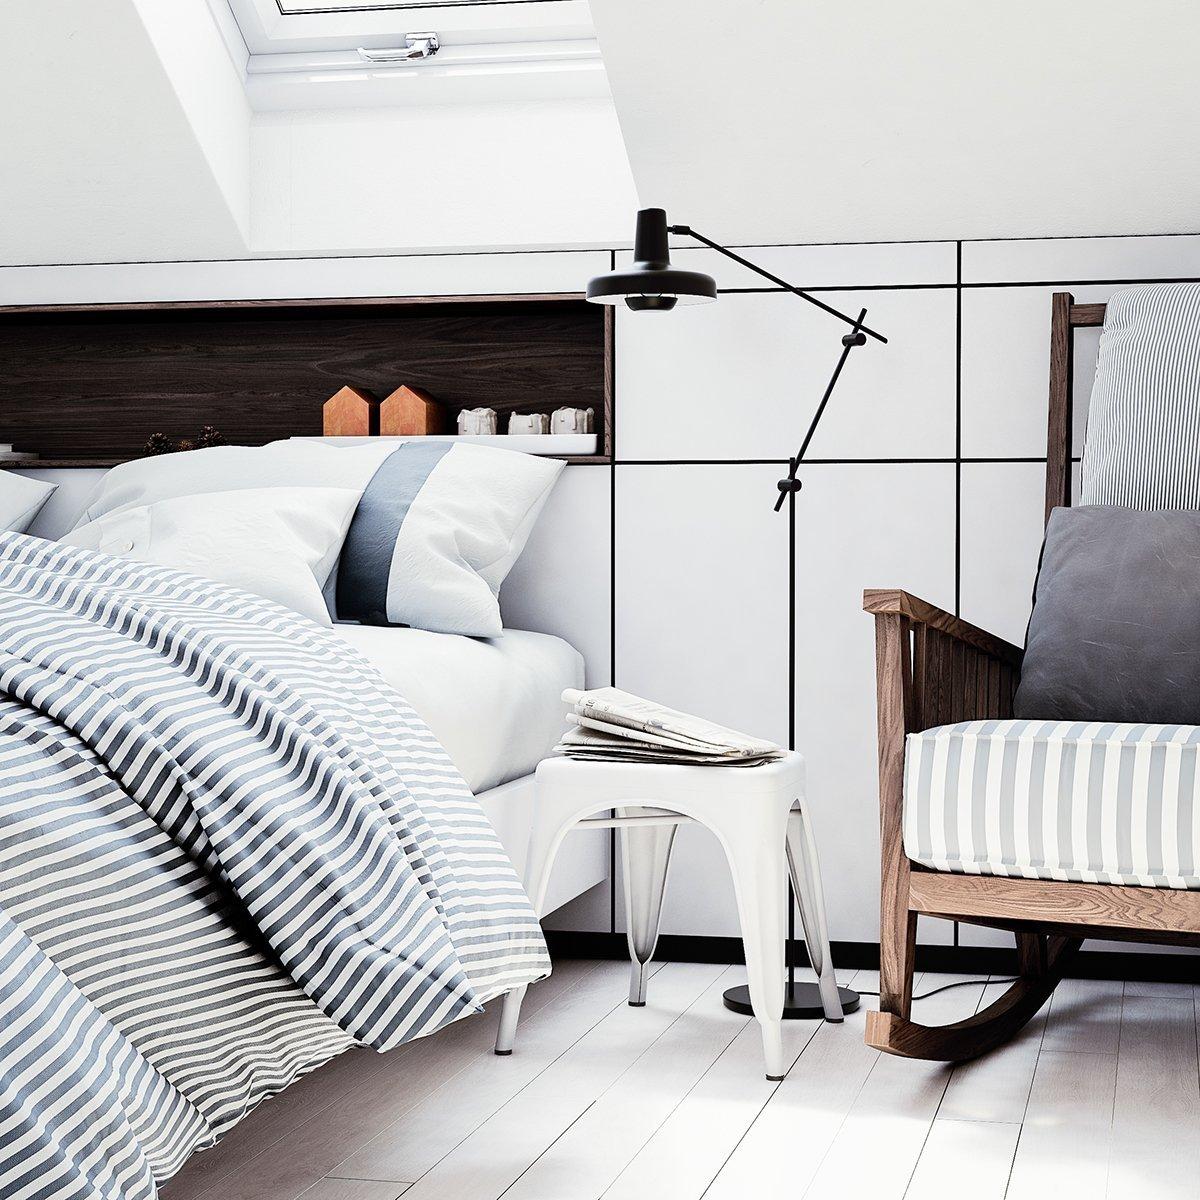 Využitý prostor díky vestavěnému nábytku.